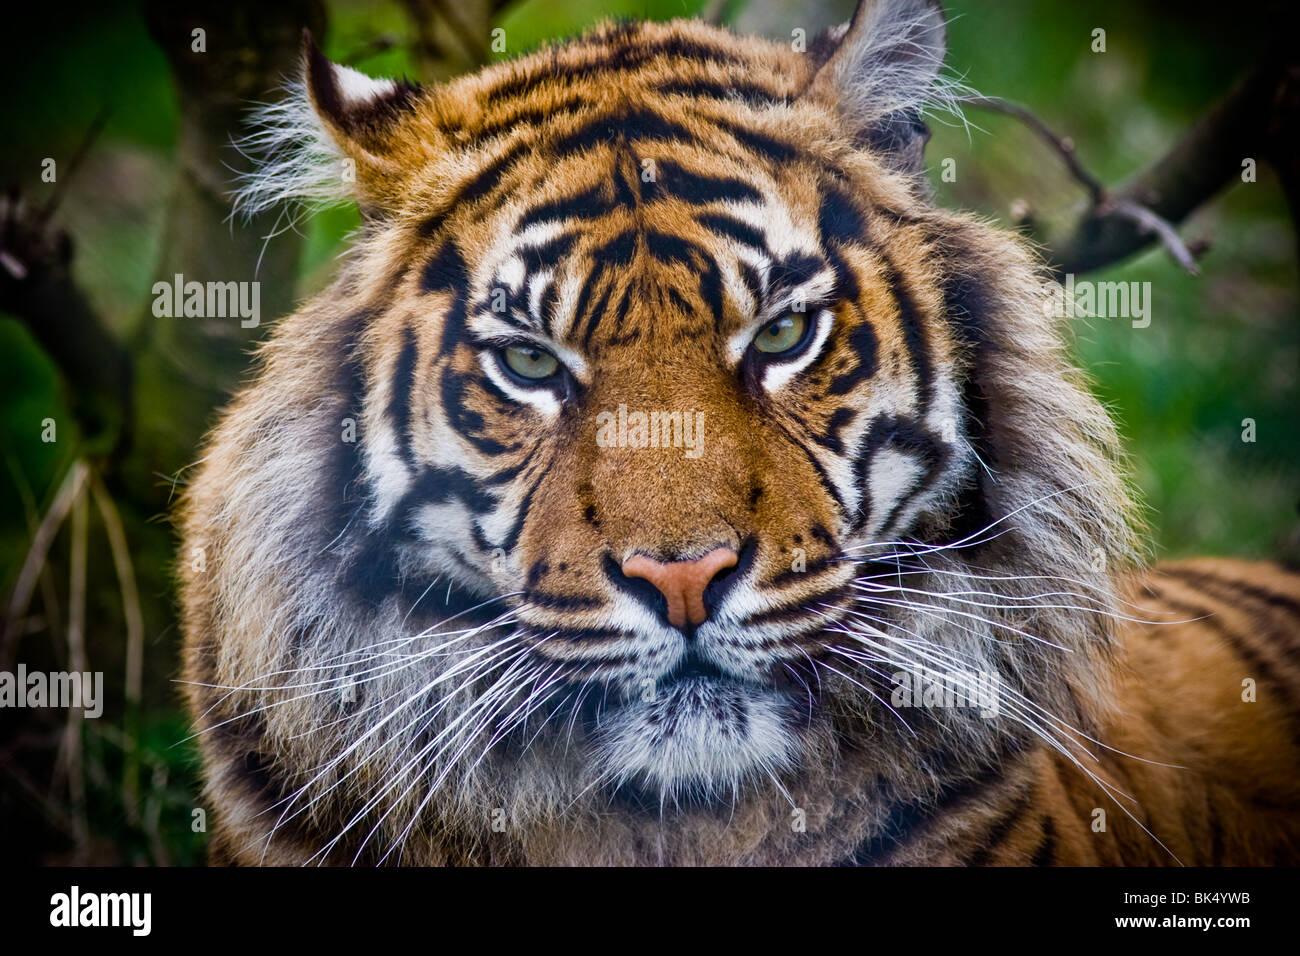 Sumatran tiger - Panthere tigris sumatrae - Stock Image